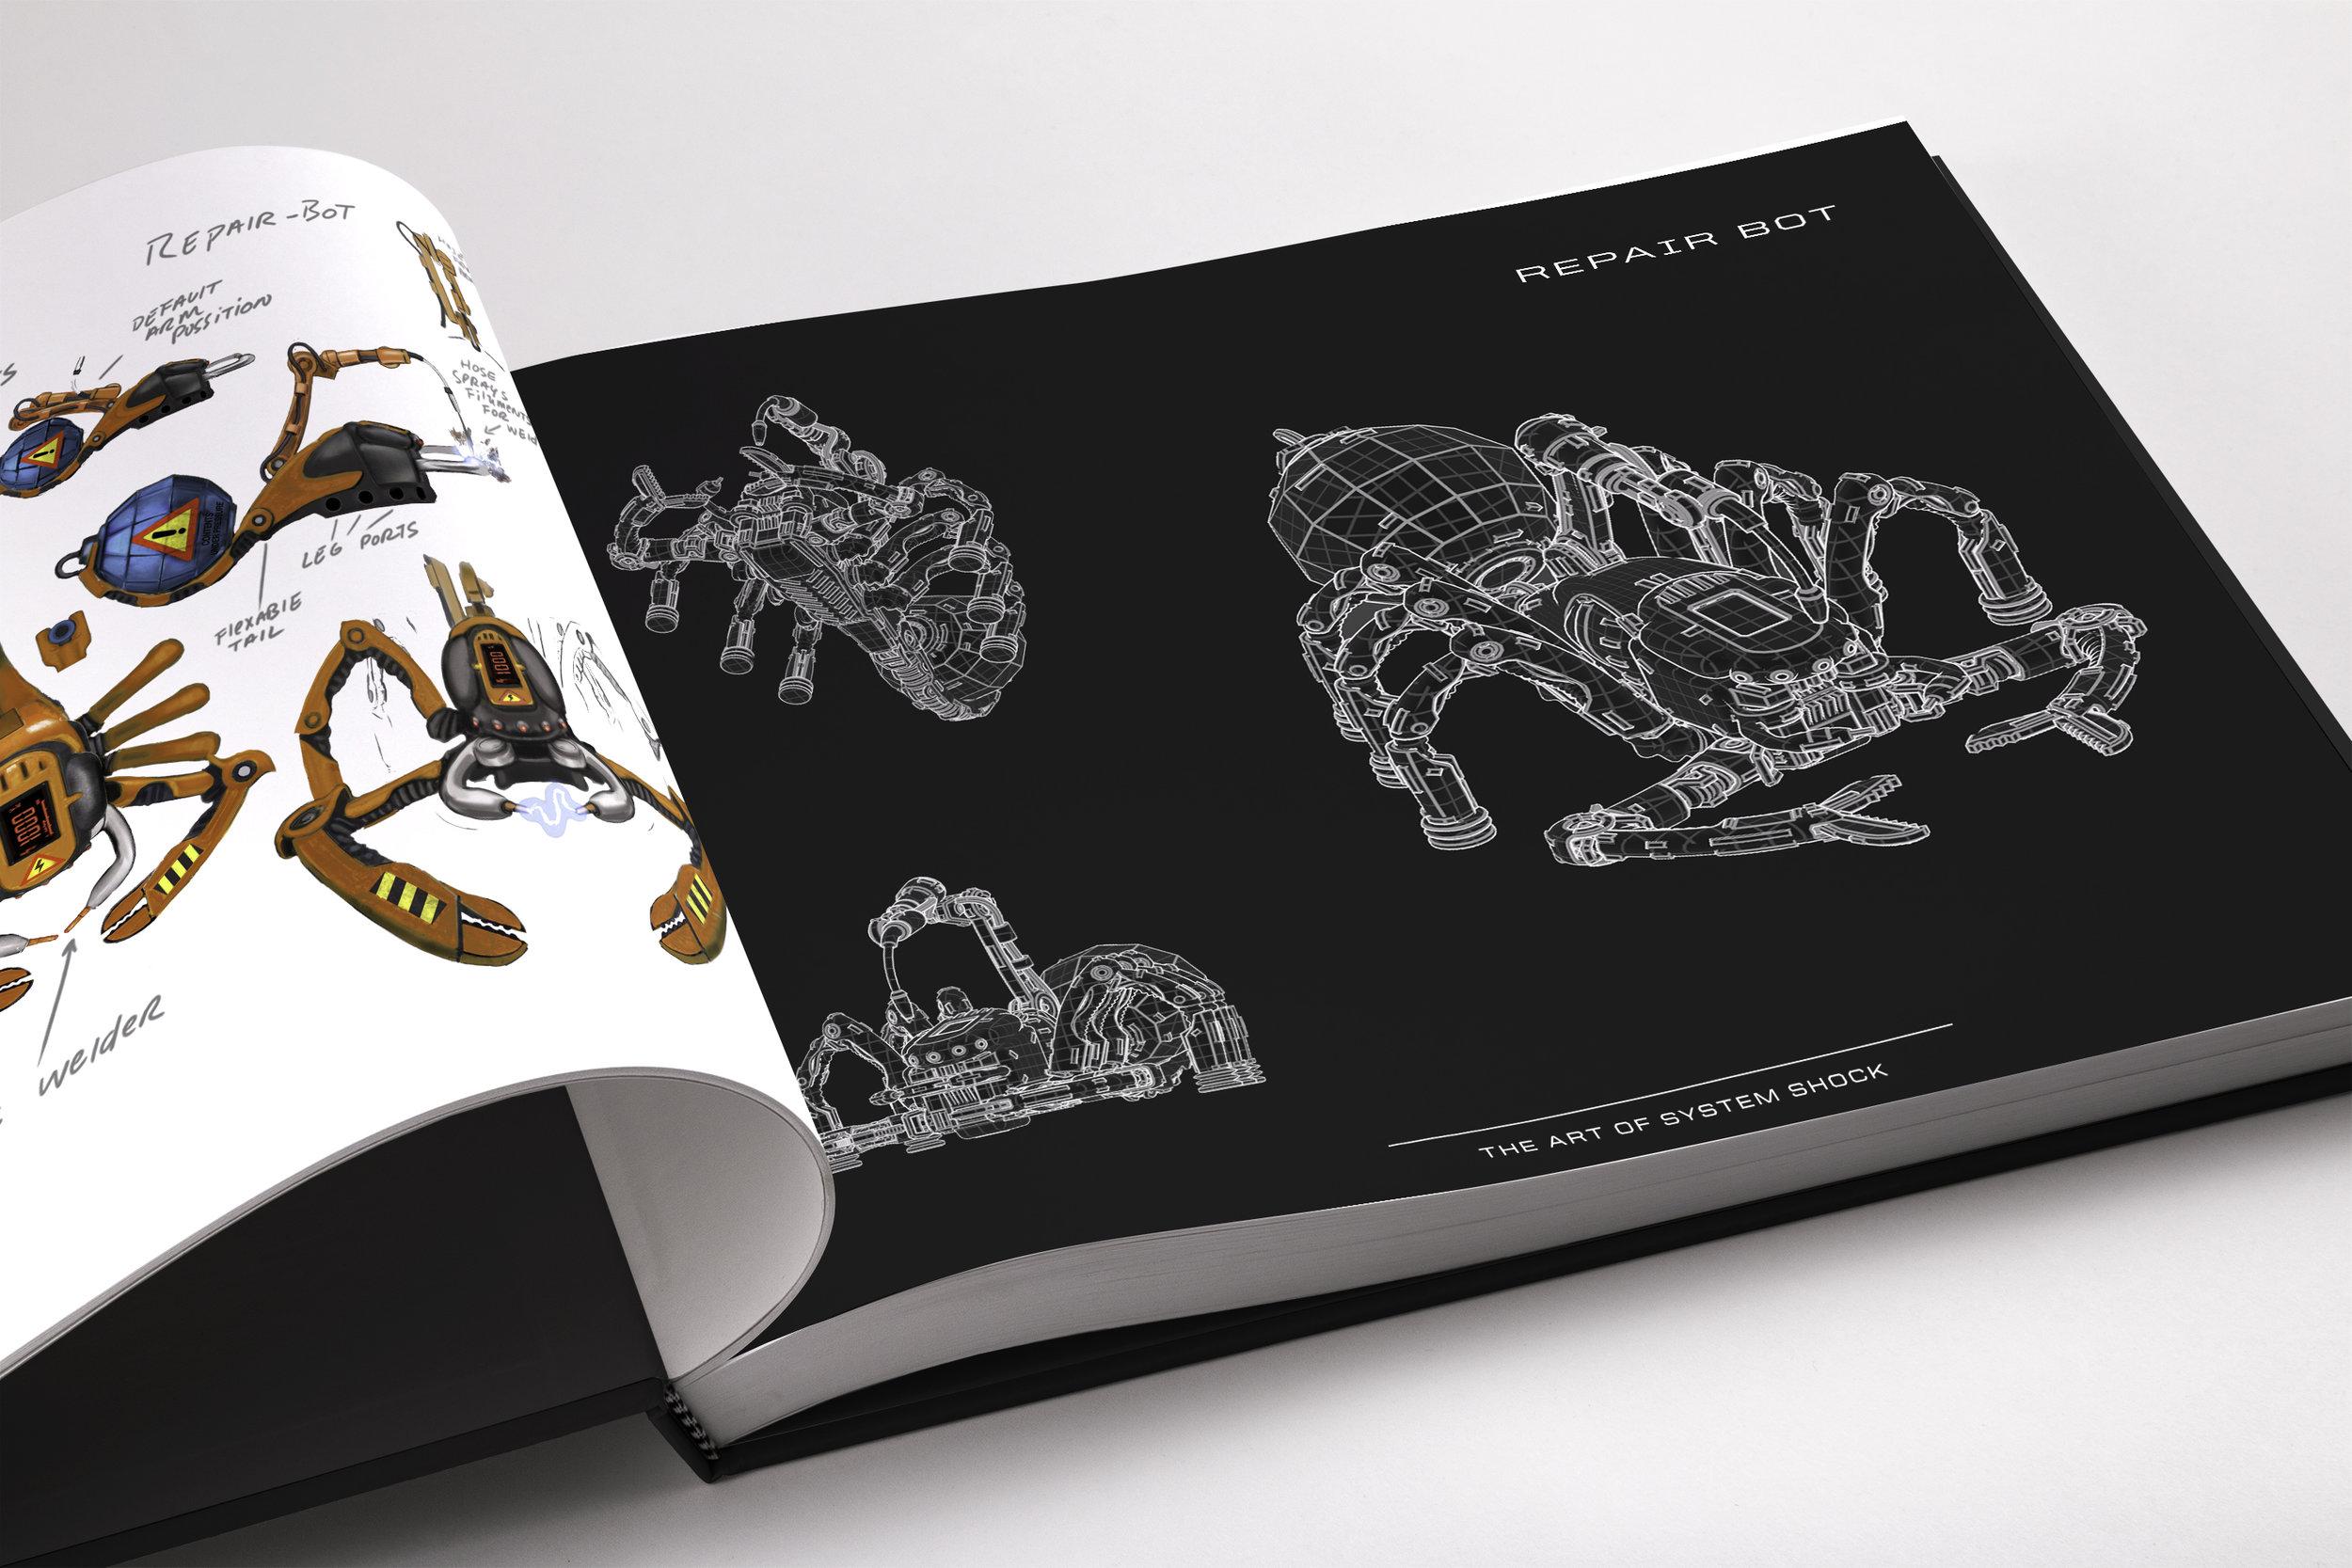 SS-hardcover-art-book-inside-2.jpg